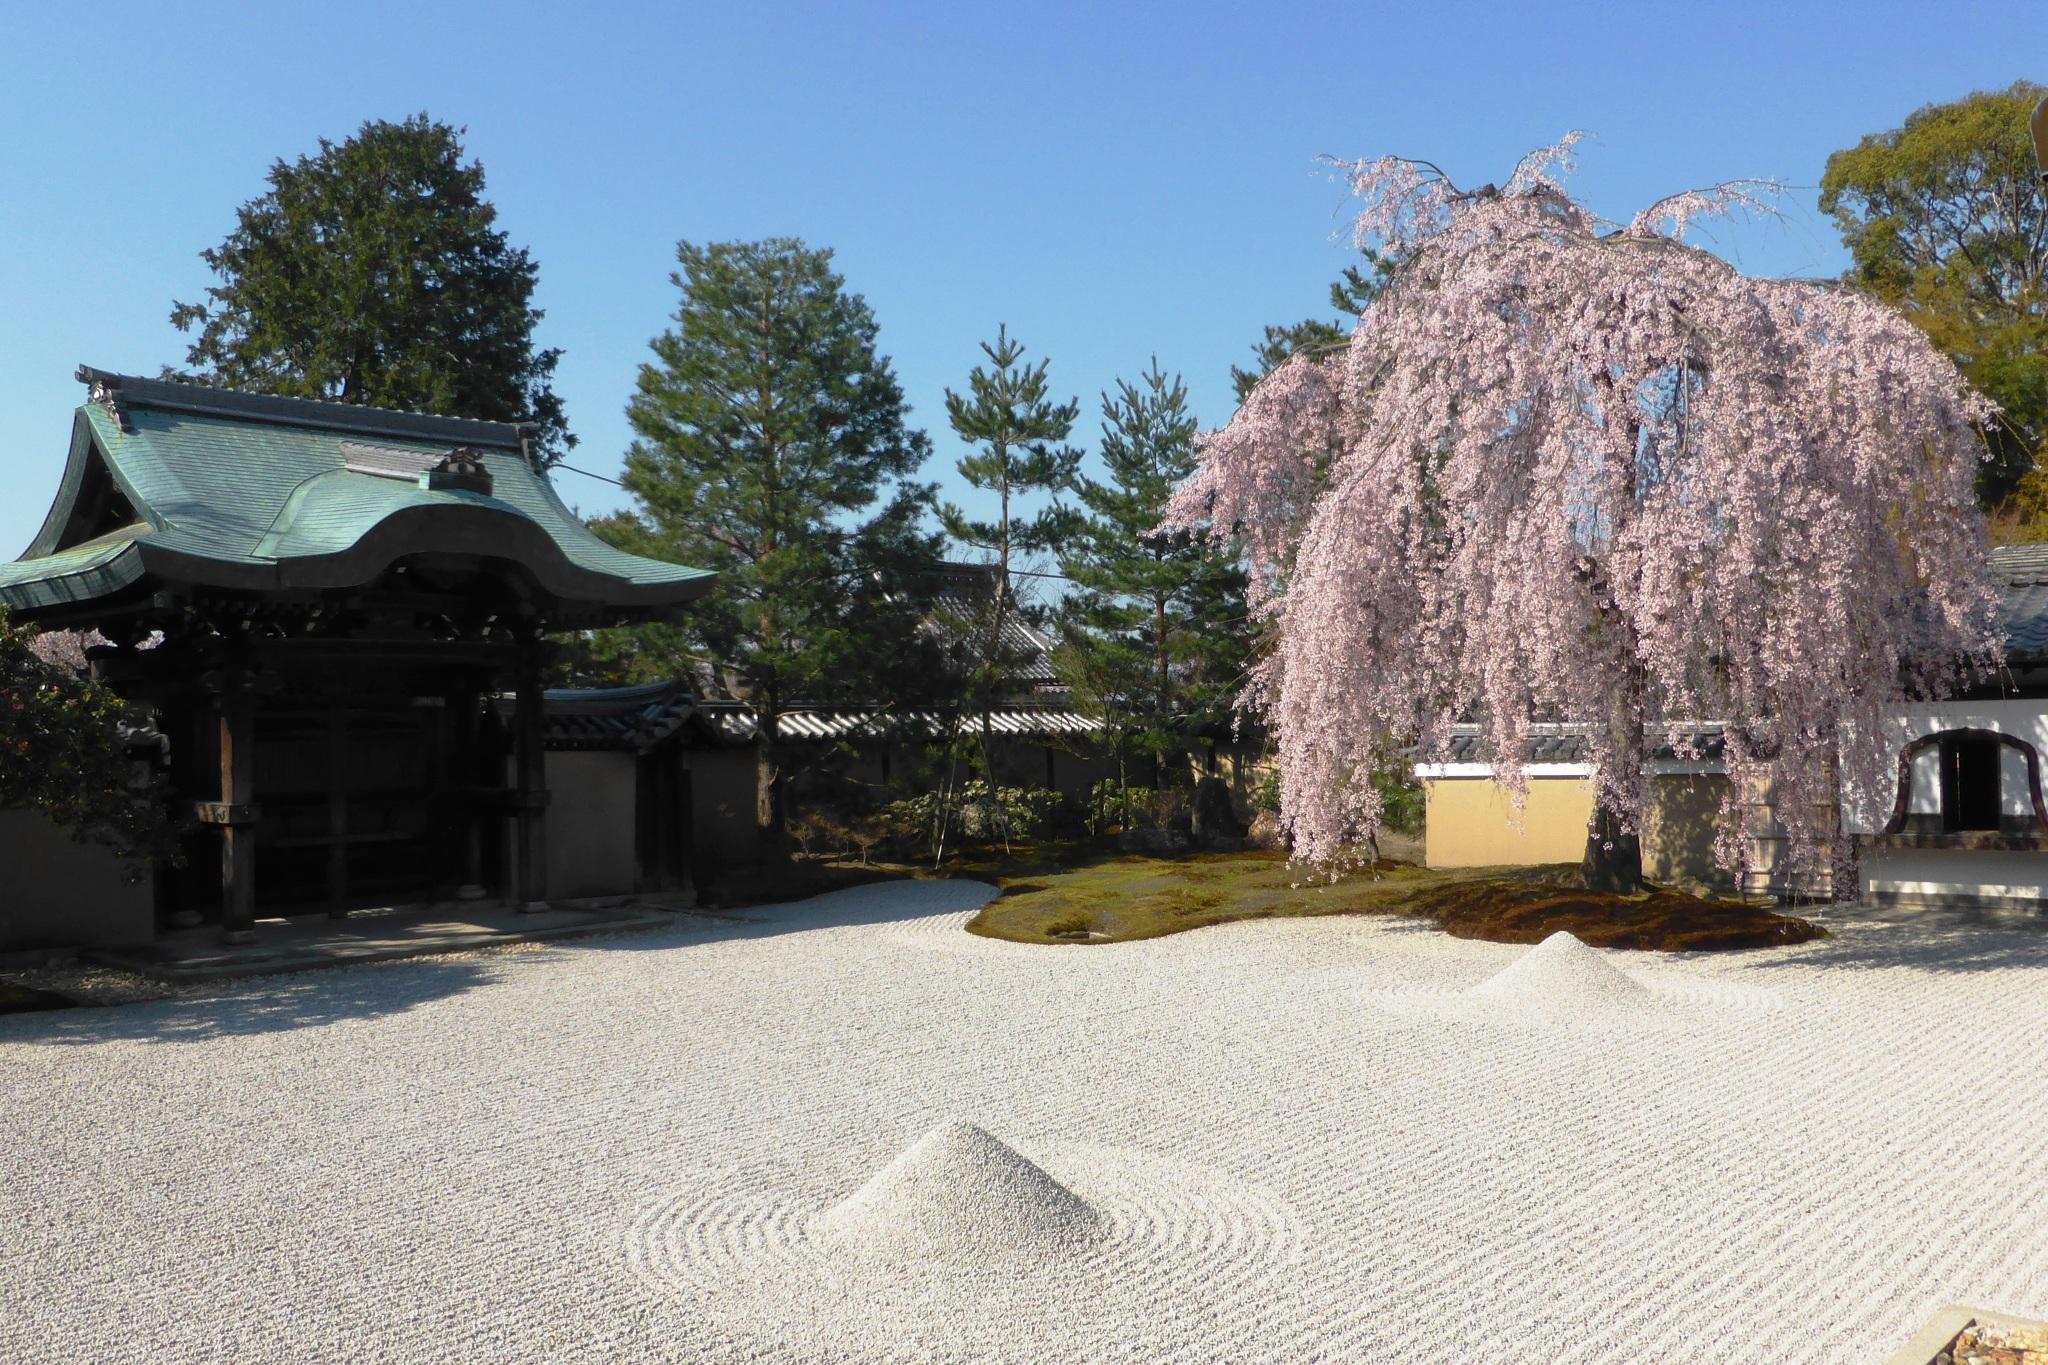 京都市東山区にある高台寺の方丈前庭と桜